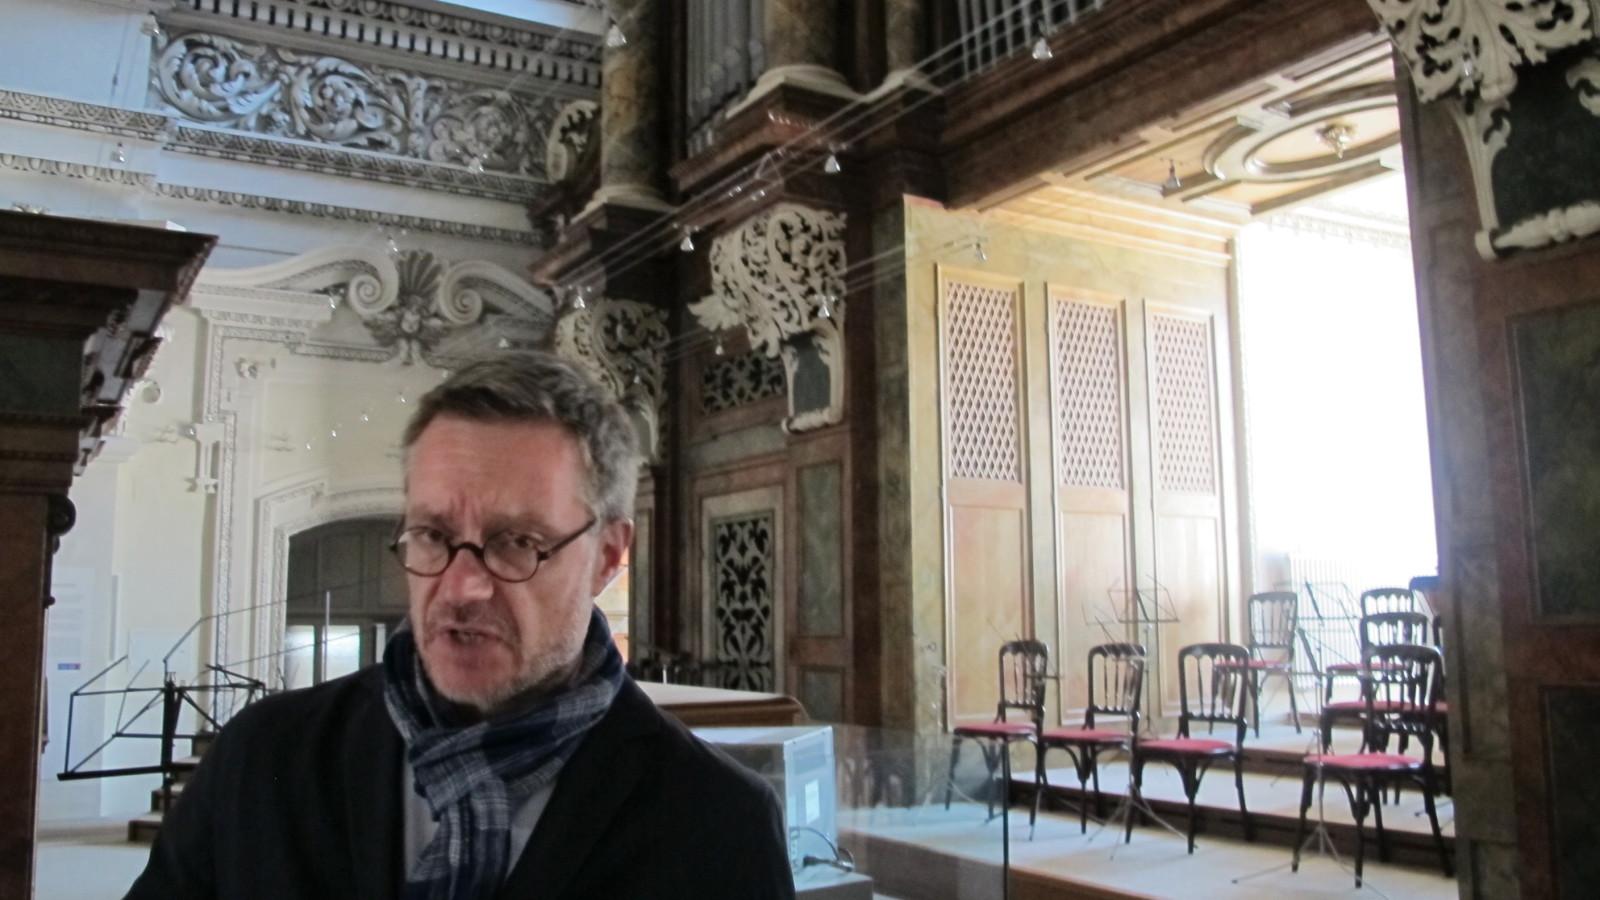 Dommuseumsdirektor mit umgebauter Orgelempore im Hintergrund